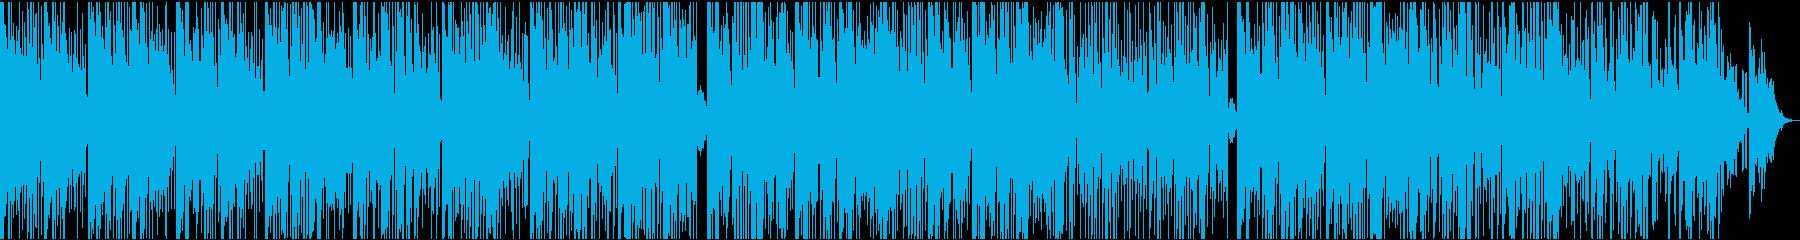 ポップ テクノ ブレイクビーツ 実...の再生済みの波形